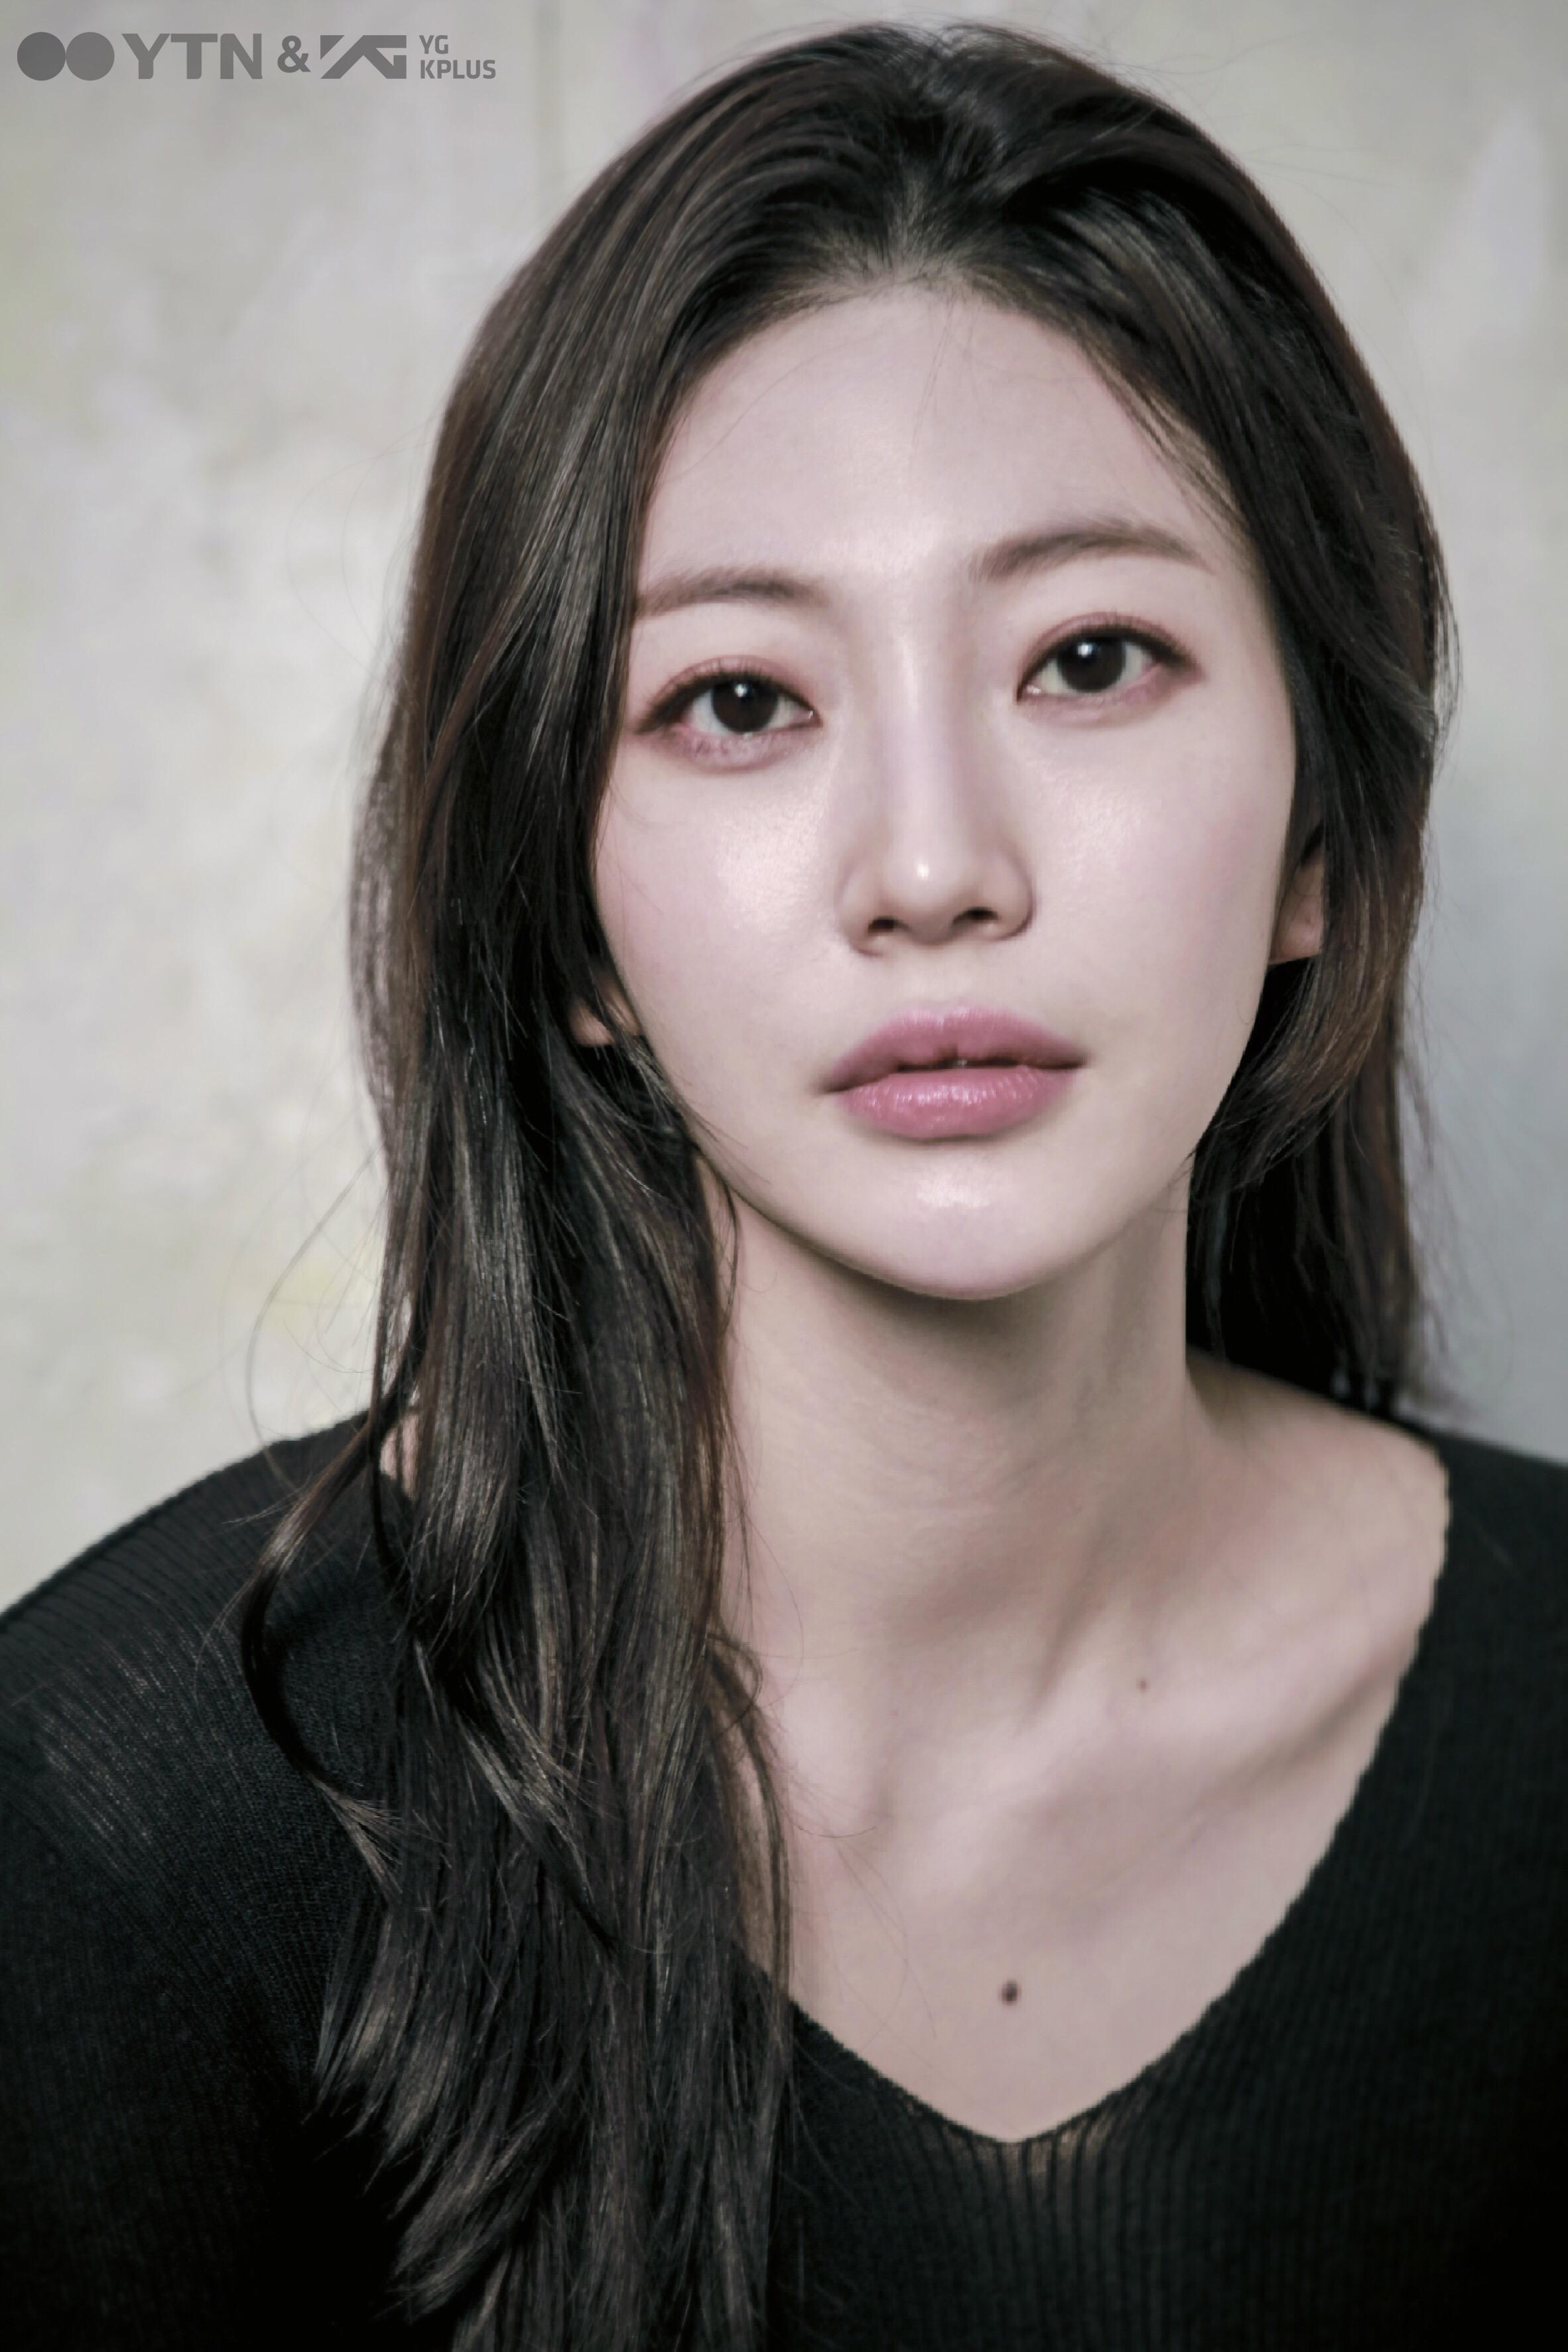 모델 최유솔의 남심 저격 내추럴 메이크업!